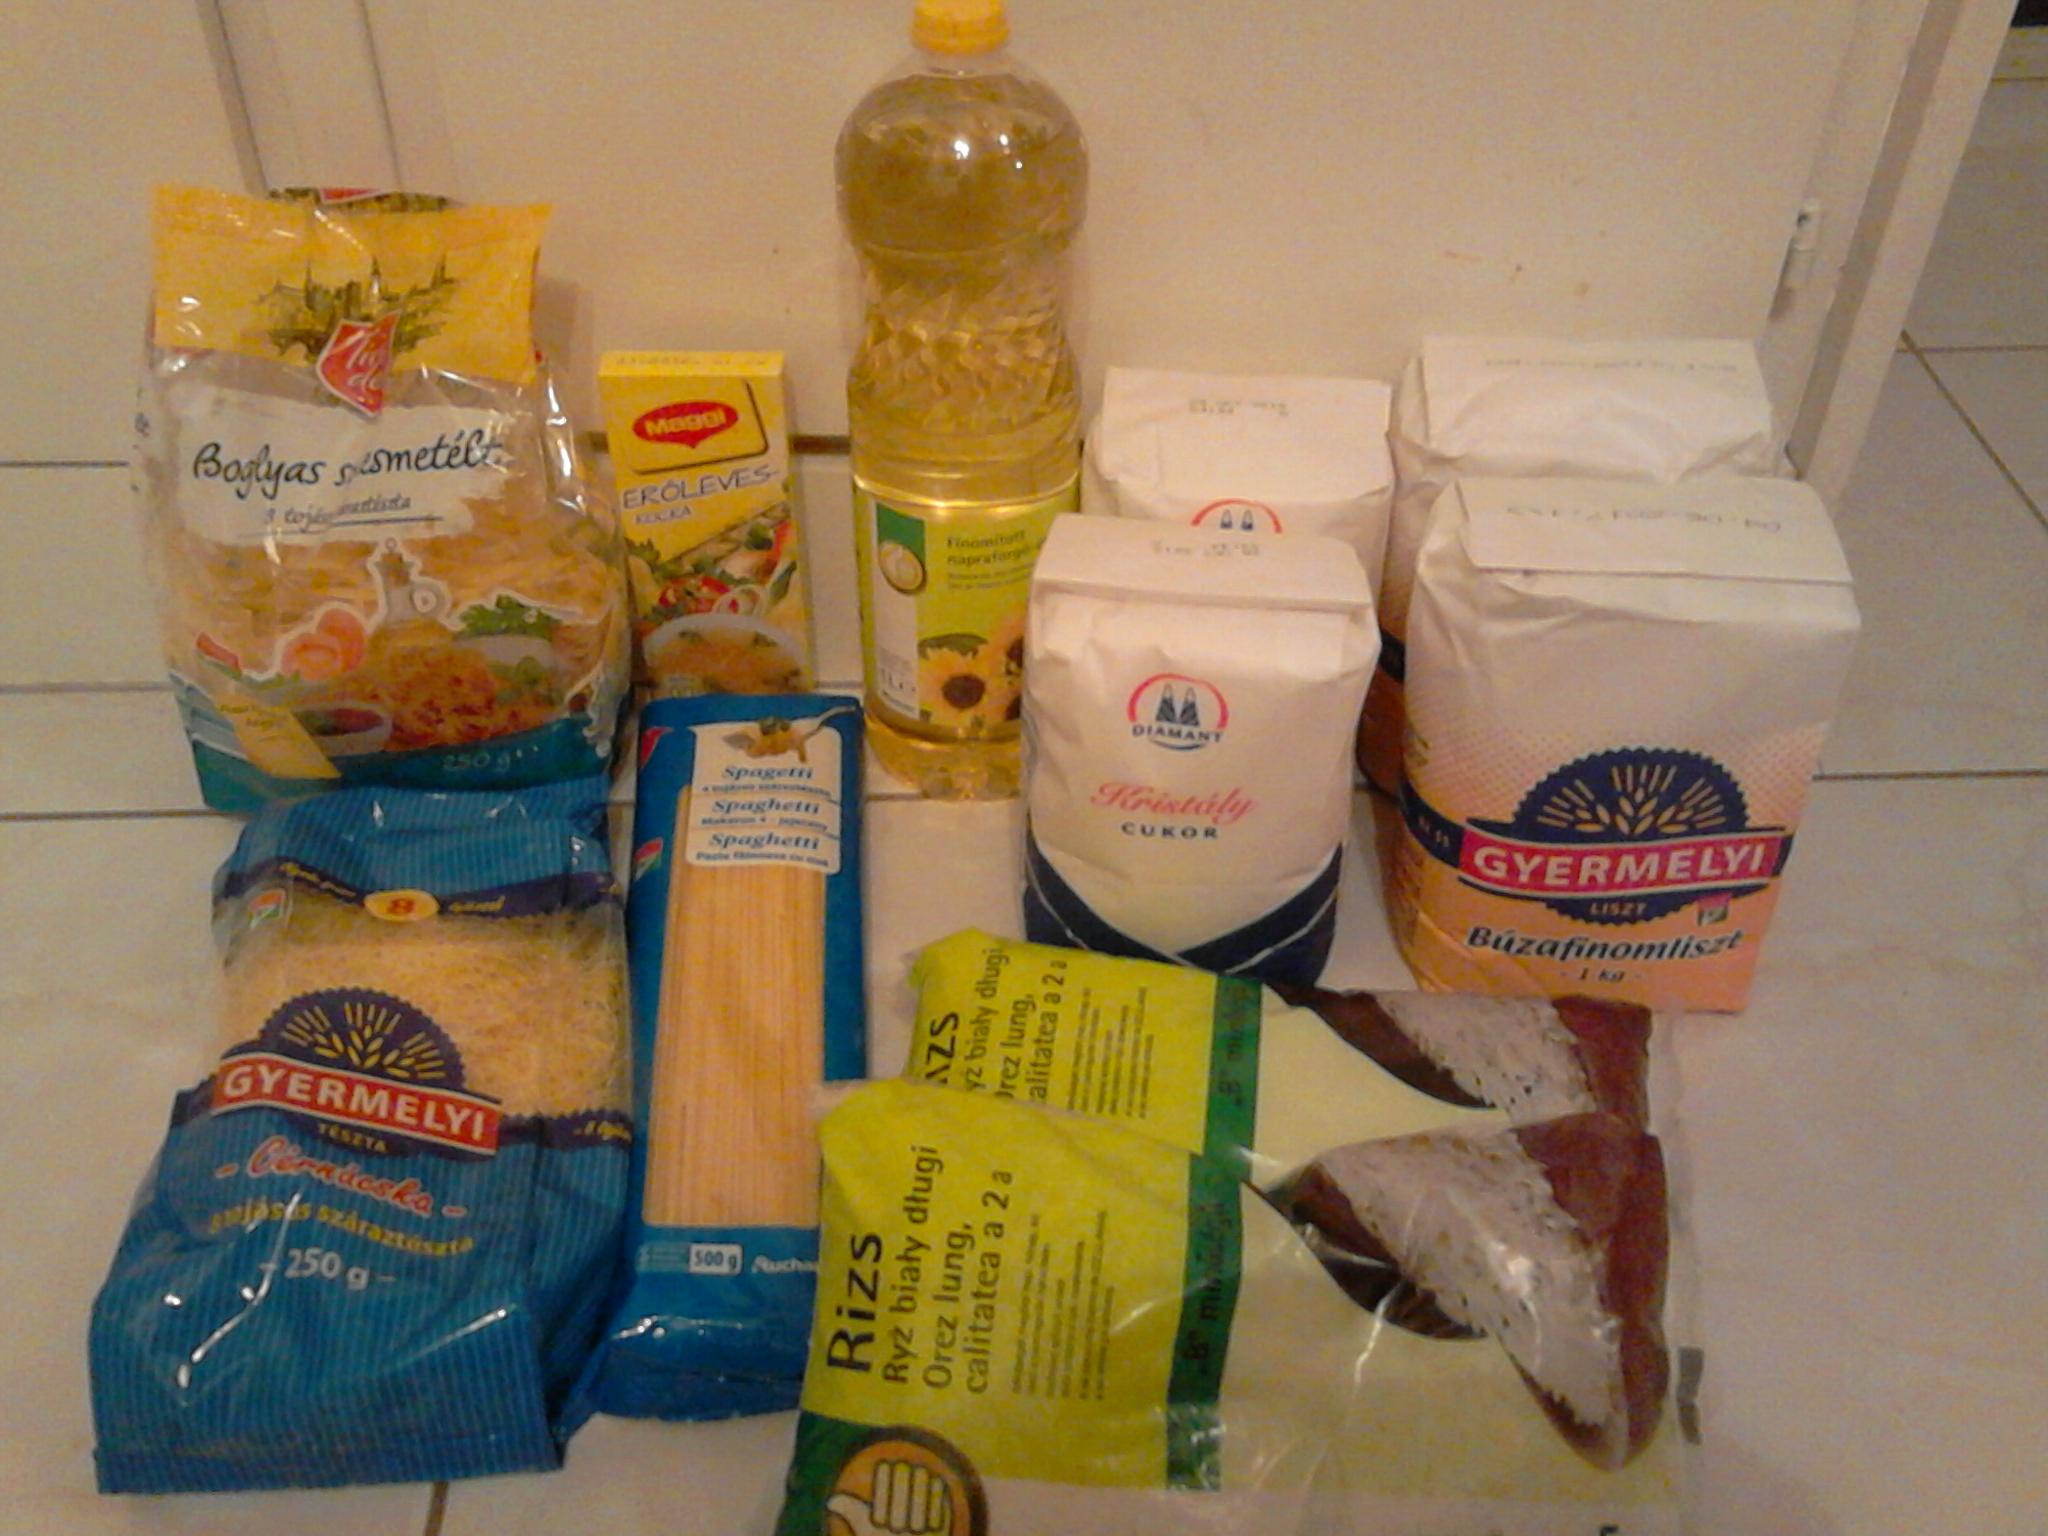 Élelmiszercsomagot igényelhetnek a 70. életévüket betöltött kerületiek